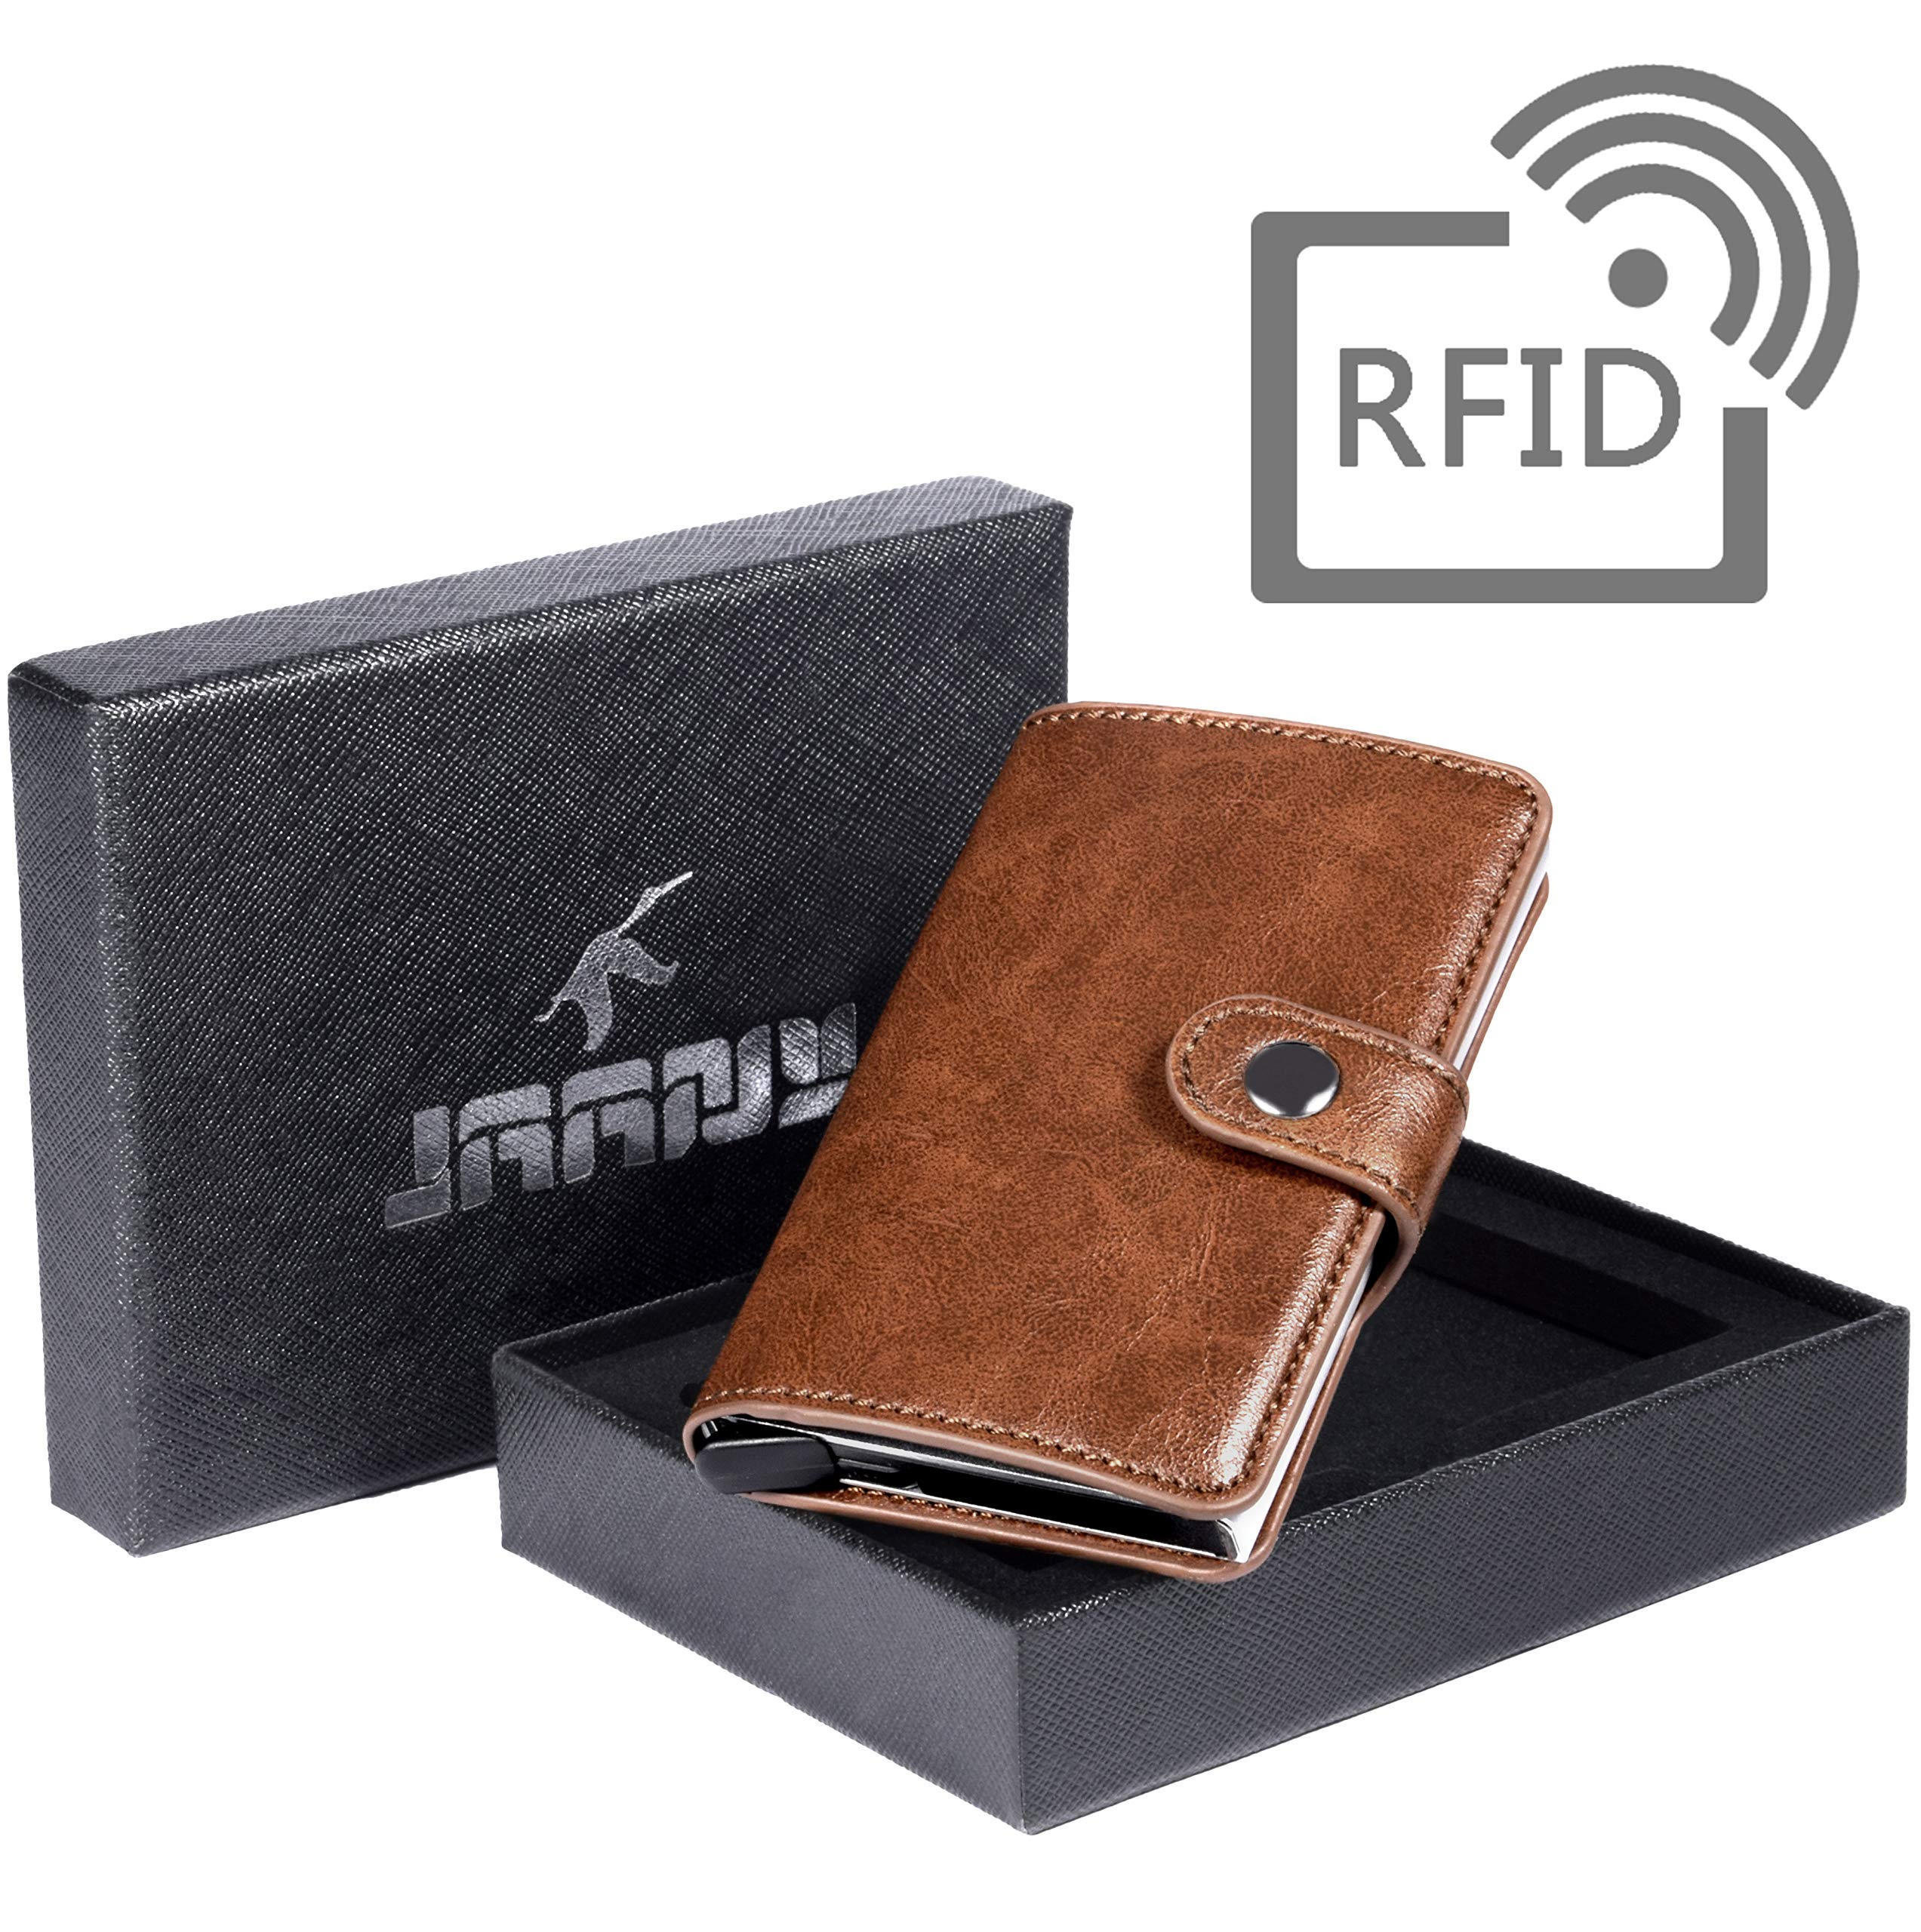 66a4eb9ad Tarjetero RFID Cartera Crédito, Cartera Tarjeta de Crédito Monedero ...